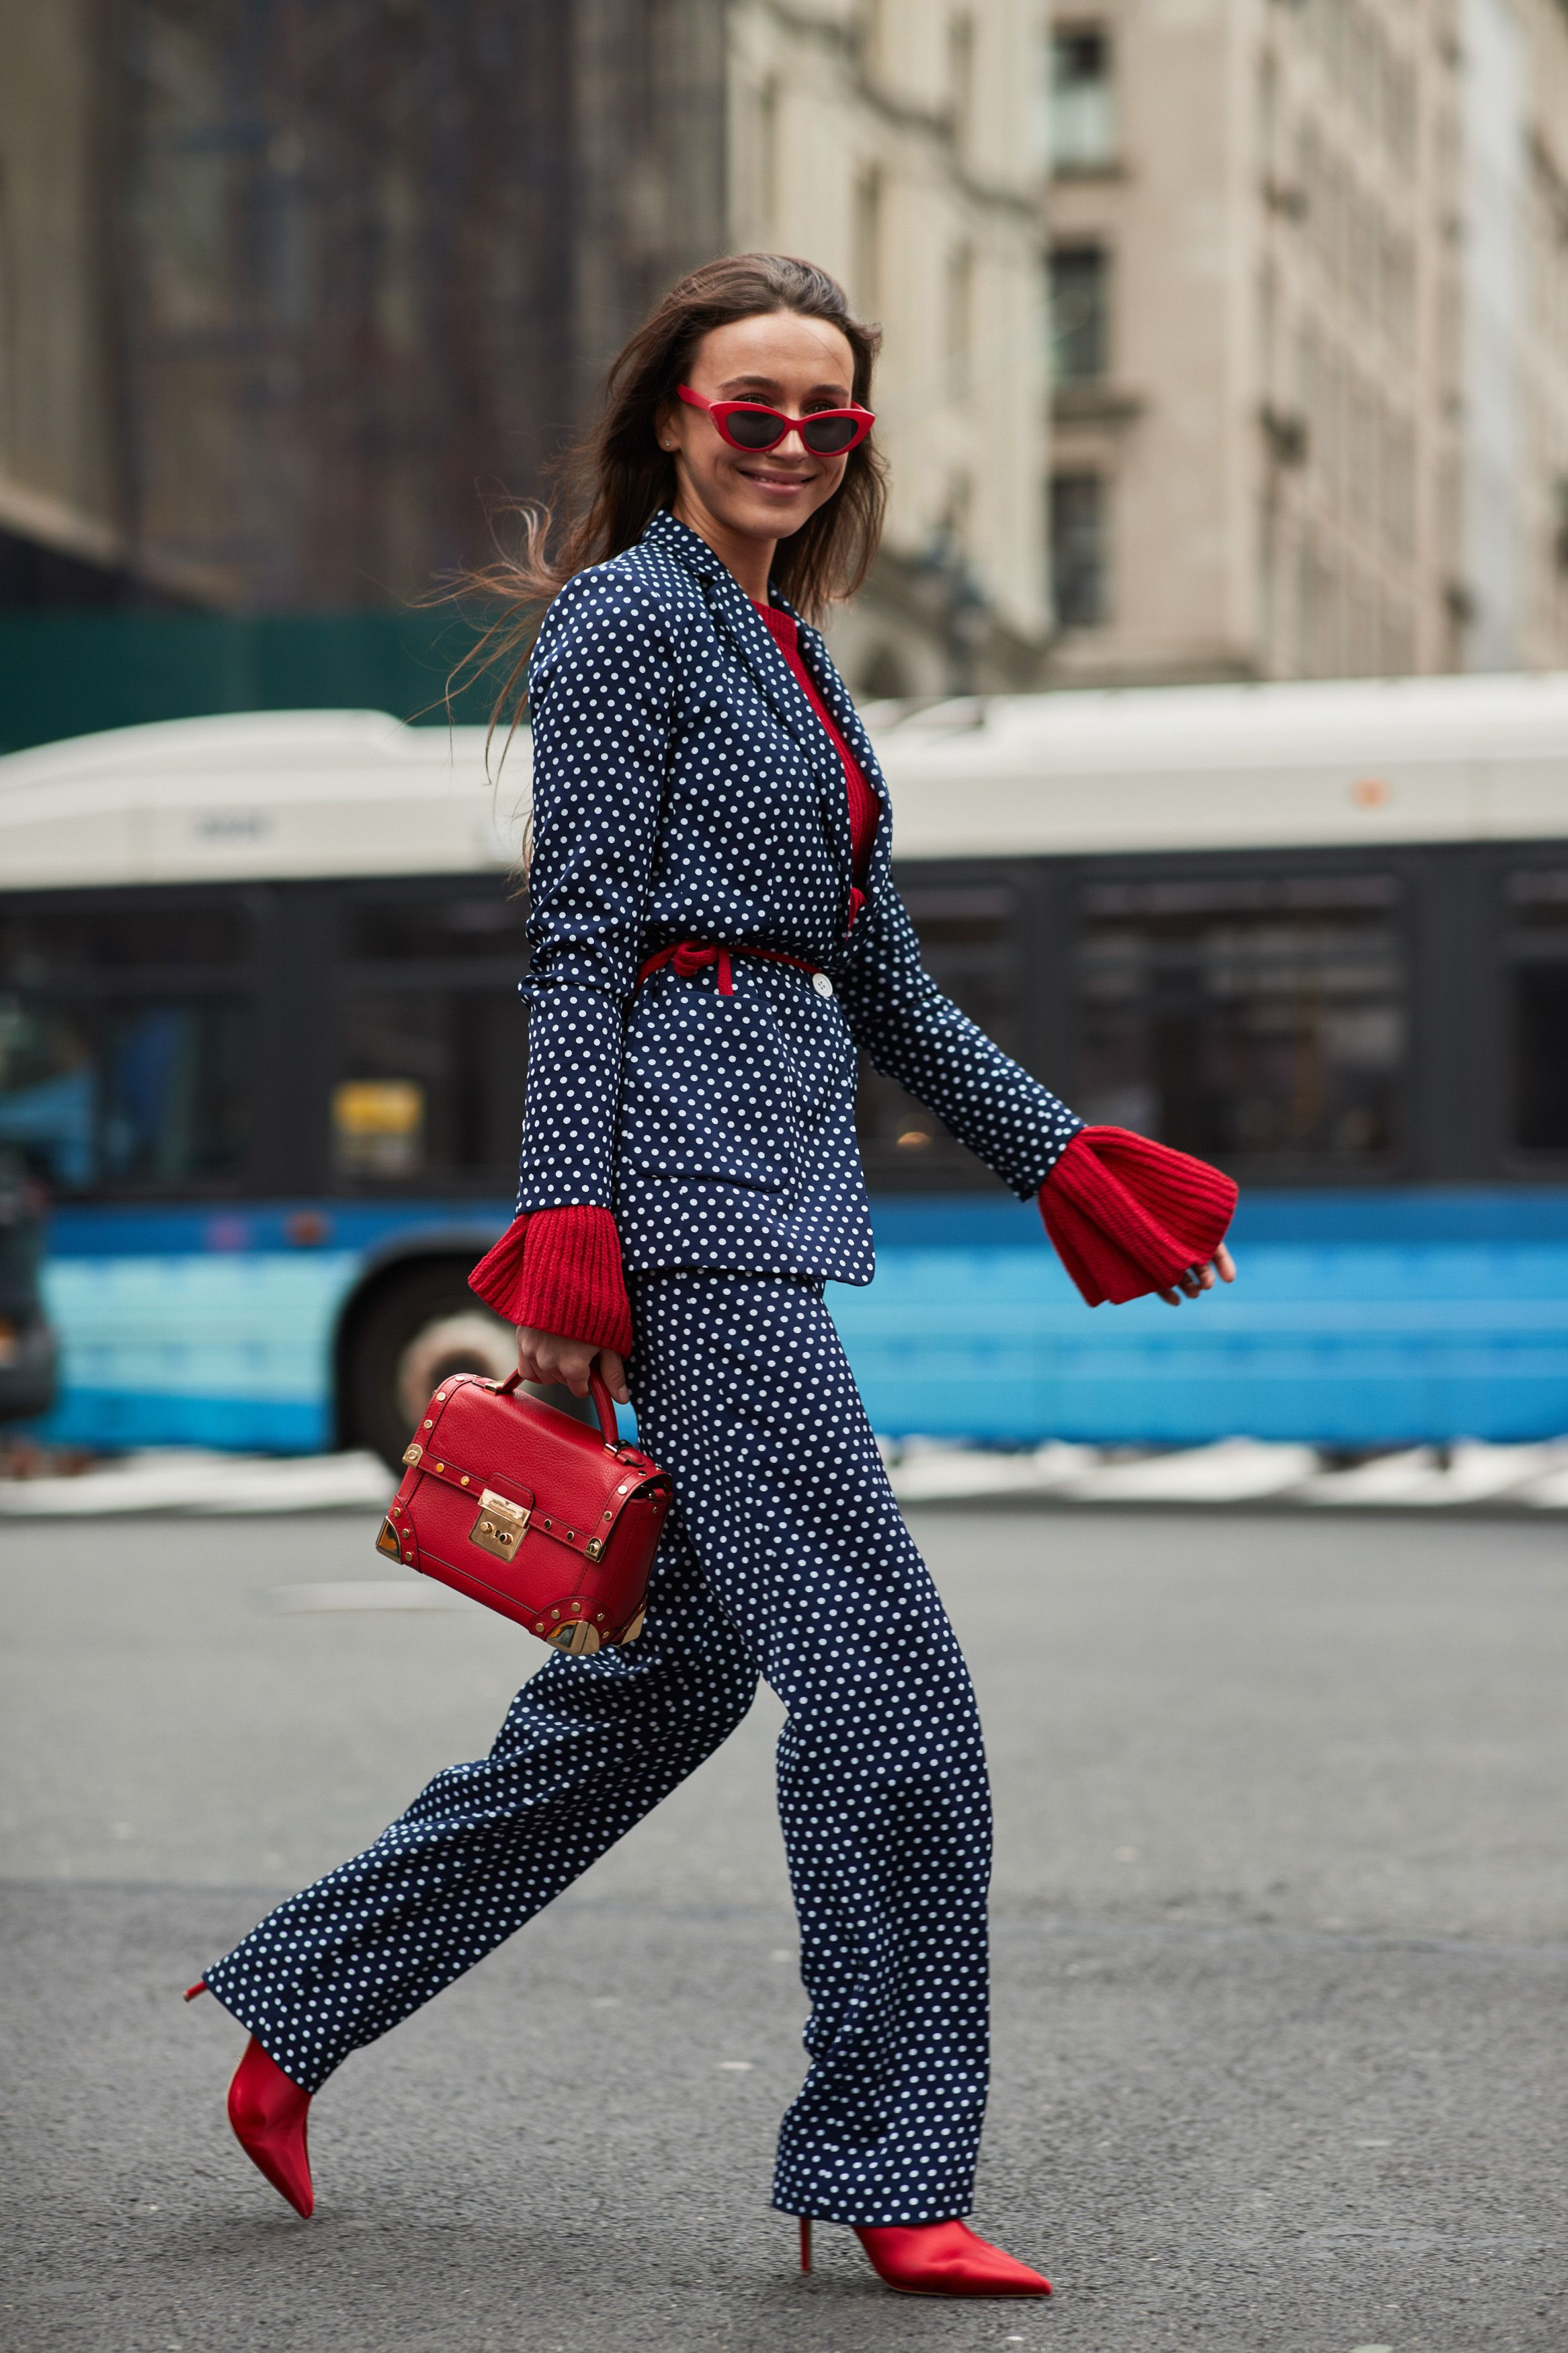 bộ suit chấm bi màu xanh navy và áo tay loe màu đỏ